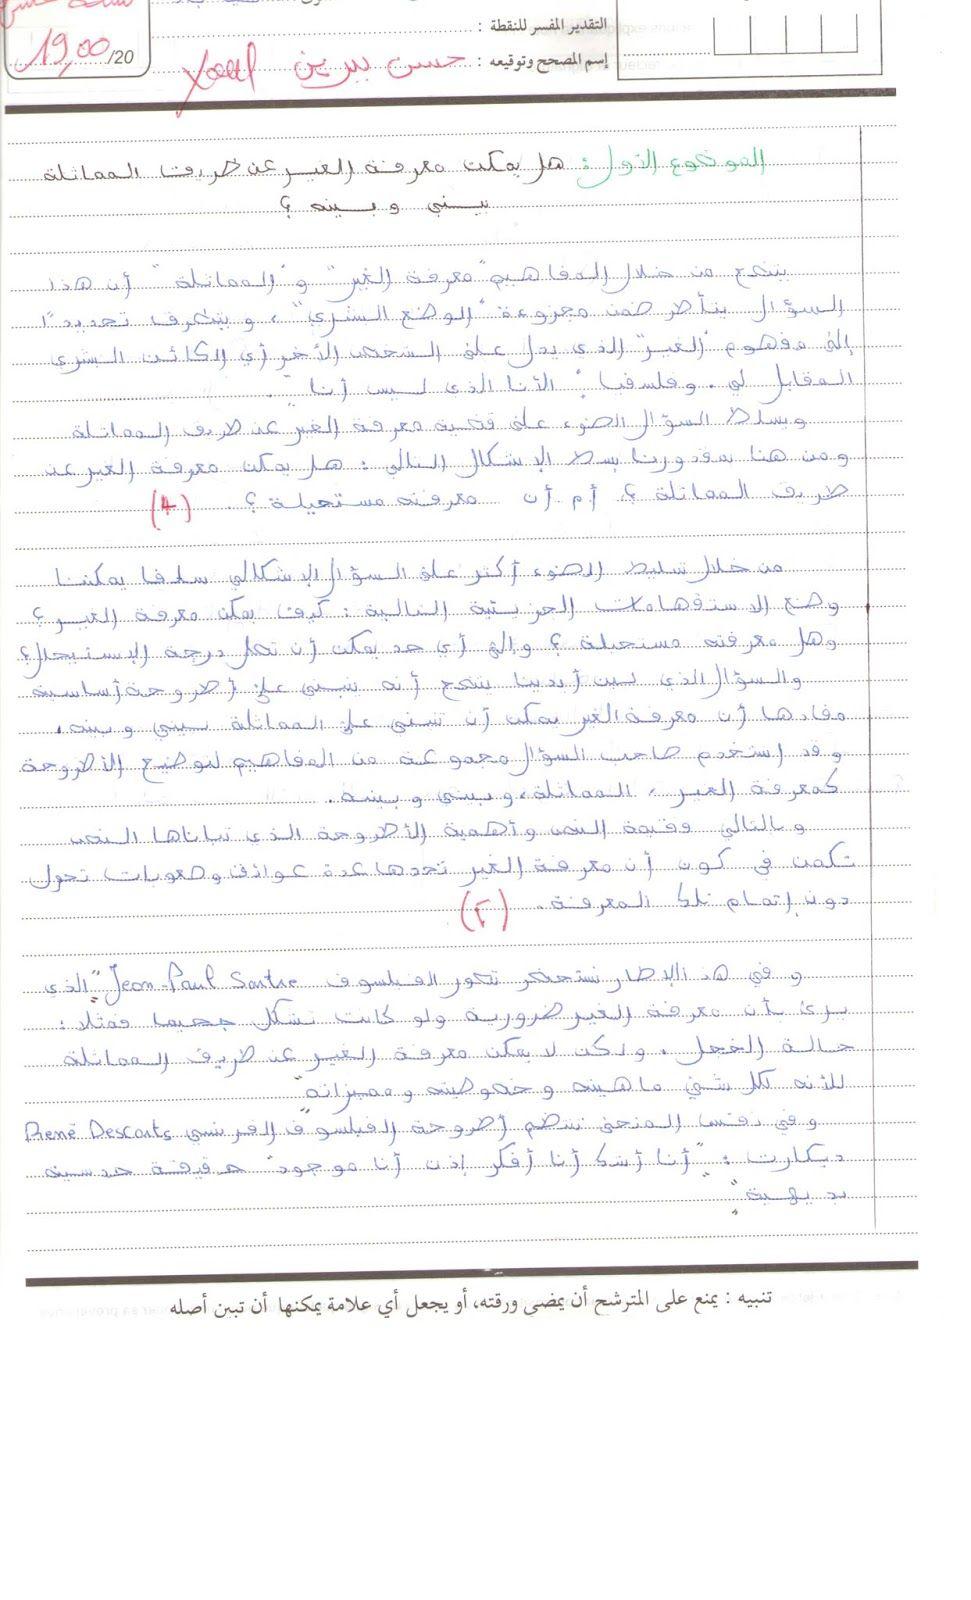 الإنجاز النموذجي 19 00 20 الامتحان الوطني الموحد للباكالوريا الفلسفة مسلك علوم الحياة والأرض 2013 Bullet Journal Journal